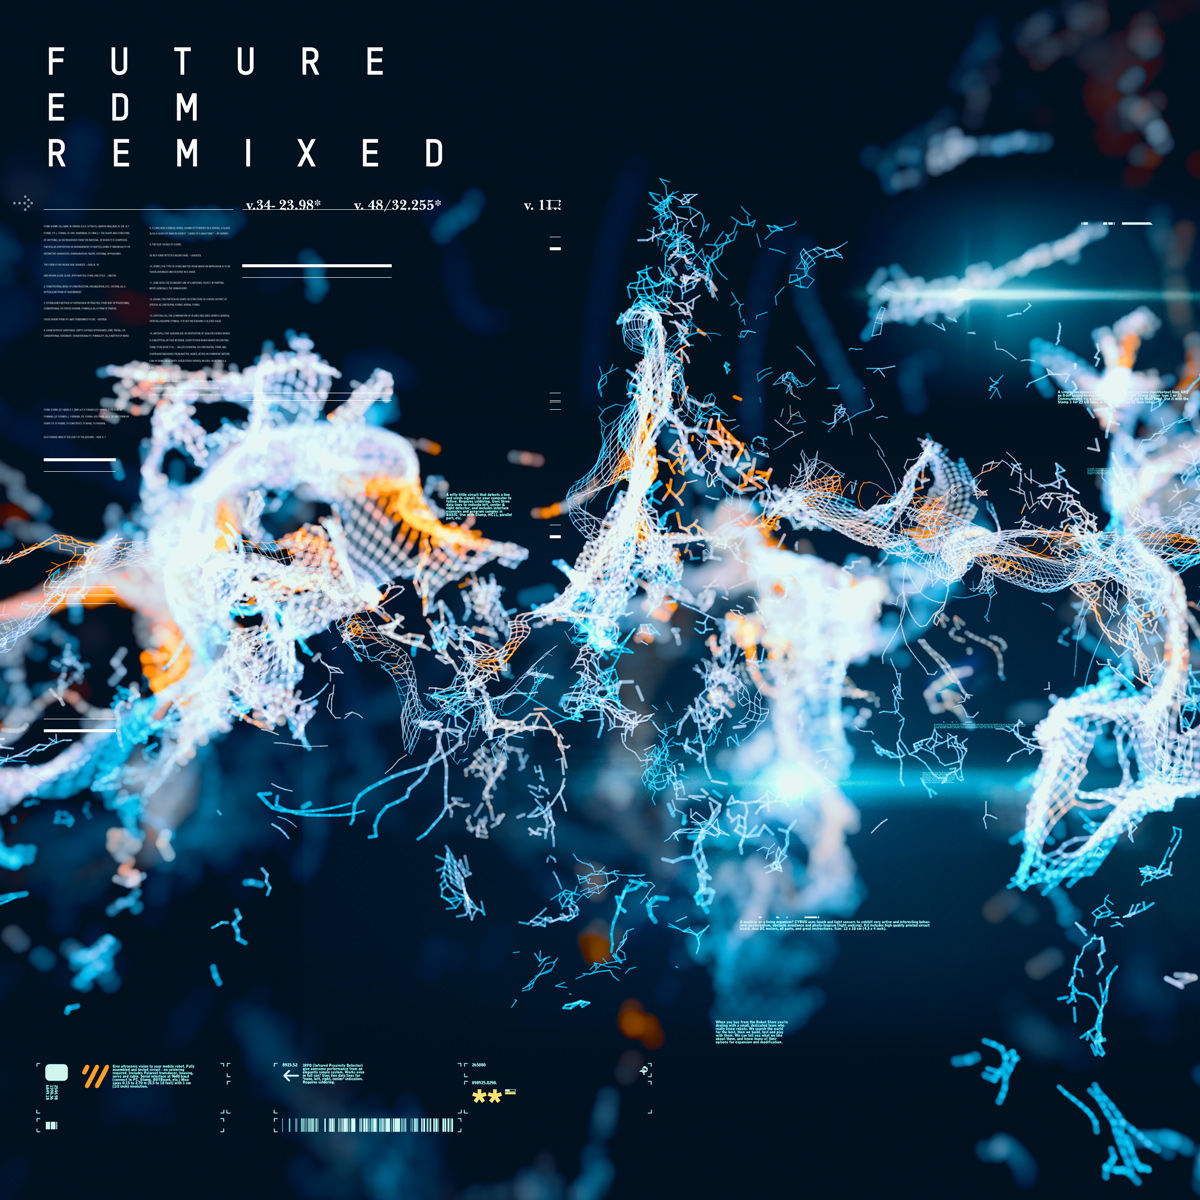 EDM remix particles album cover design